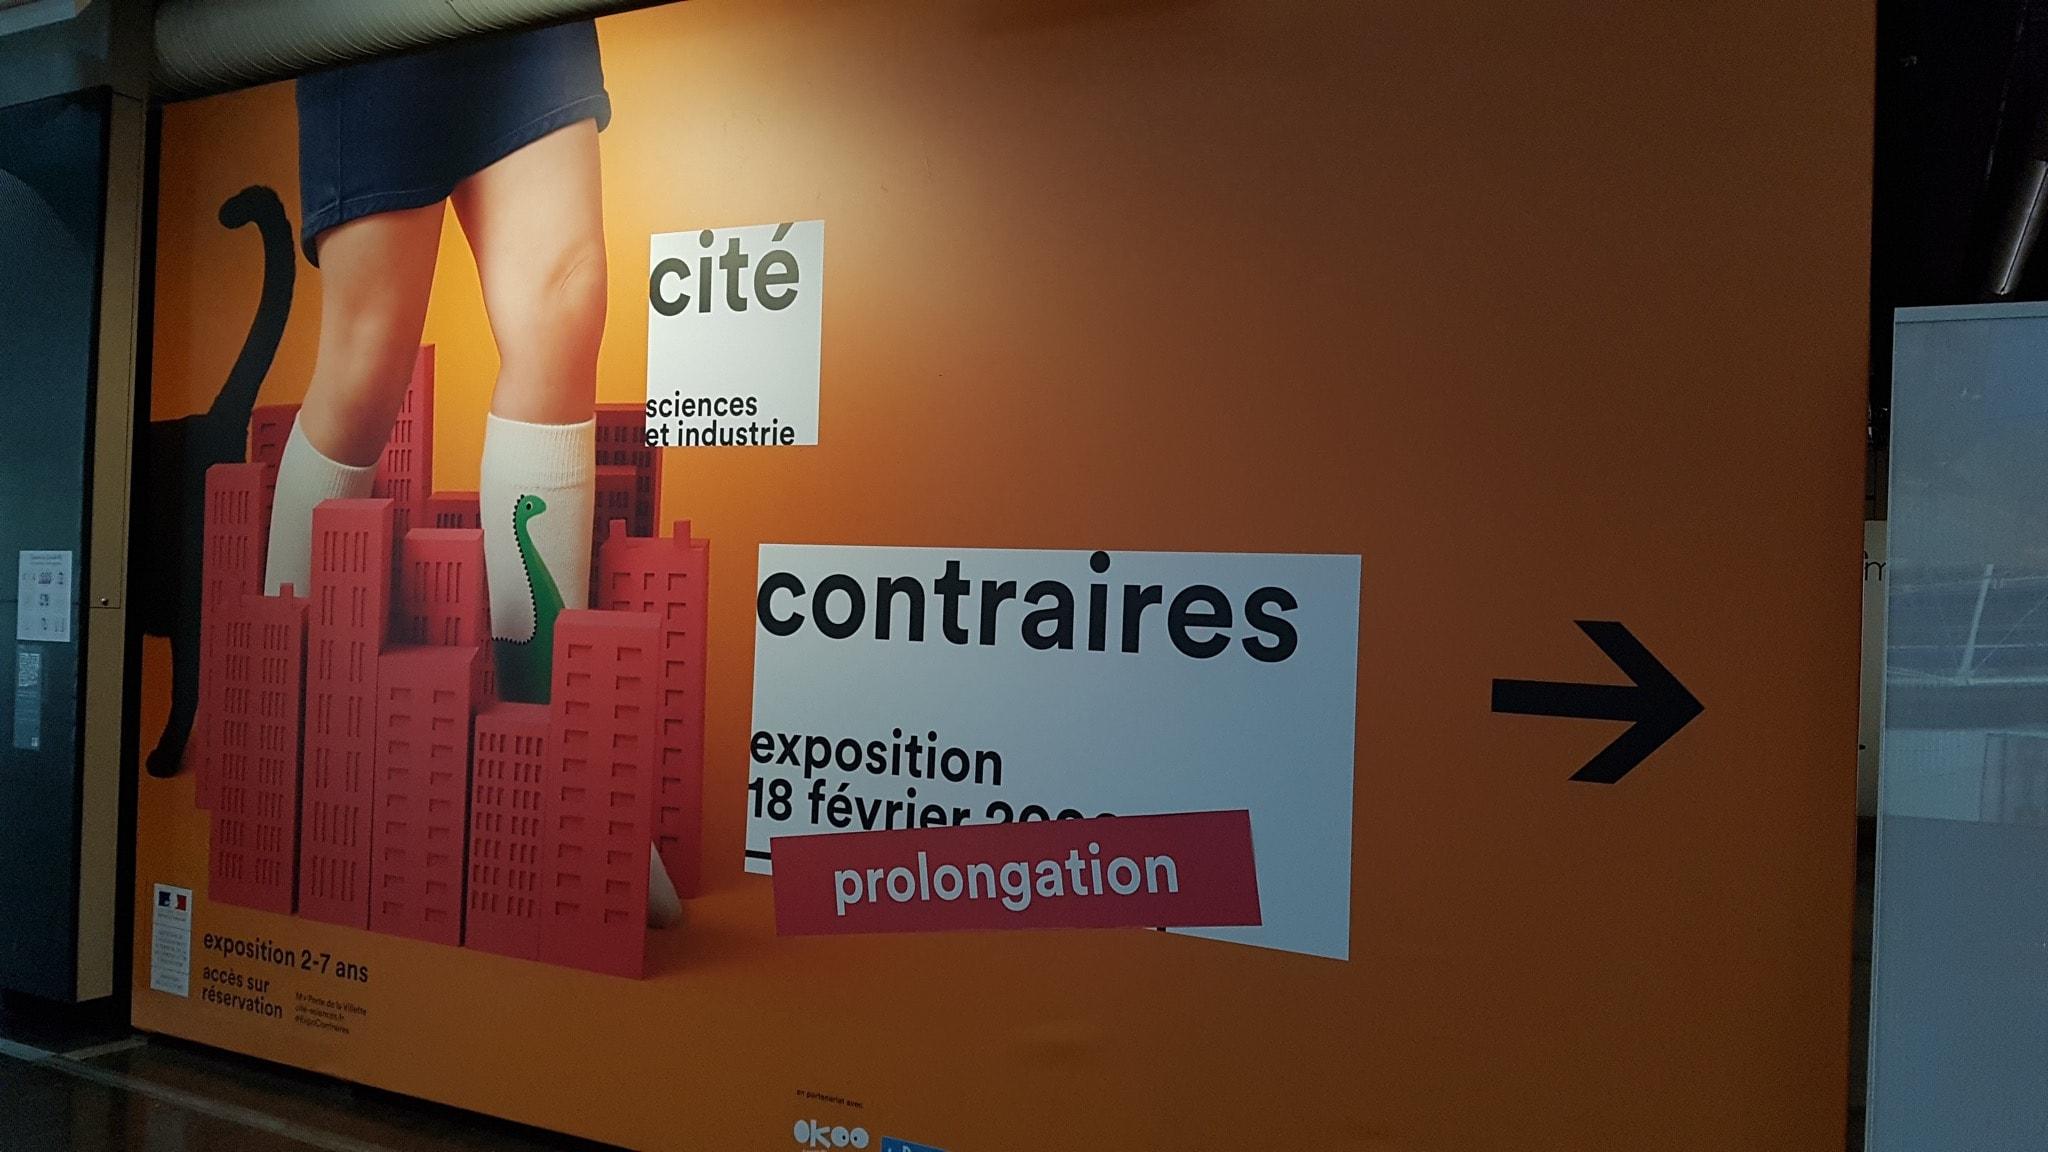 Exposition Contraires à la Cité des sciences et de l'industrie photo affiche